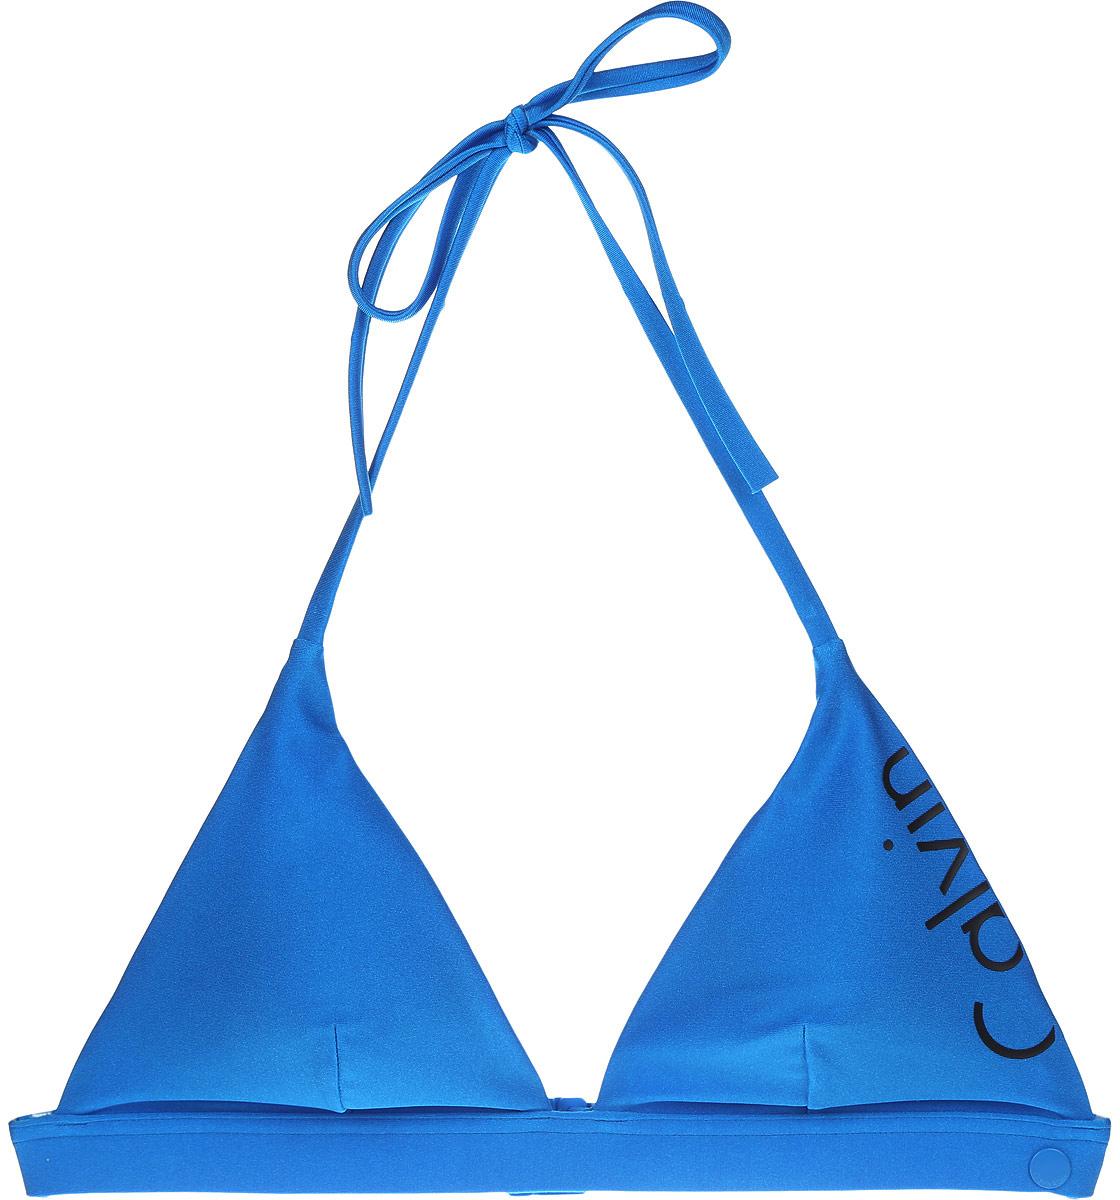 Купальный бюстгальтер Calvin Klein Underwear, цвет: голубой. KW0KW00015_488. Размер M (48)KW0KW00015_488Купальный бюстгальтер Calvin Klein Underwear изготовлен из эластичного материала. Модель выполнена с треугольными чашечками и тонкими вкладышами, которые при необходимости можно извлечь. Тонкие бретели завязываются сверху на шее. Низ дополнен эластичной резинкой, которая застегивается сзади на пластиковую защелку.